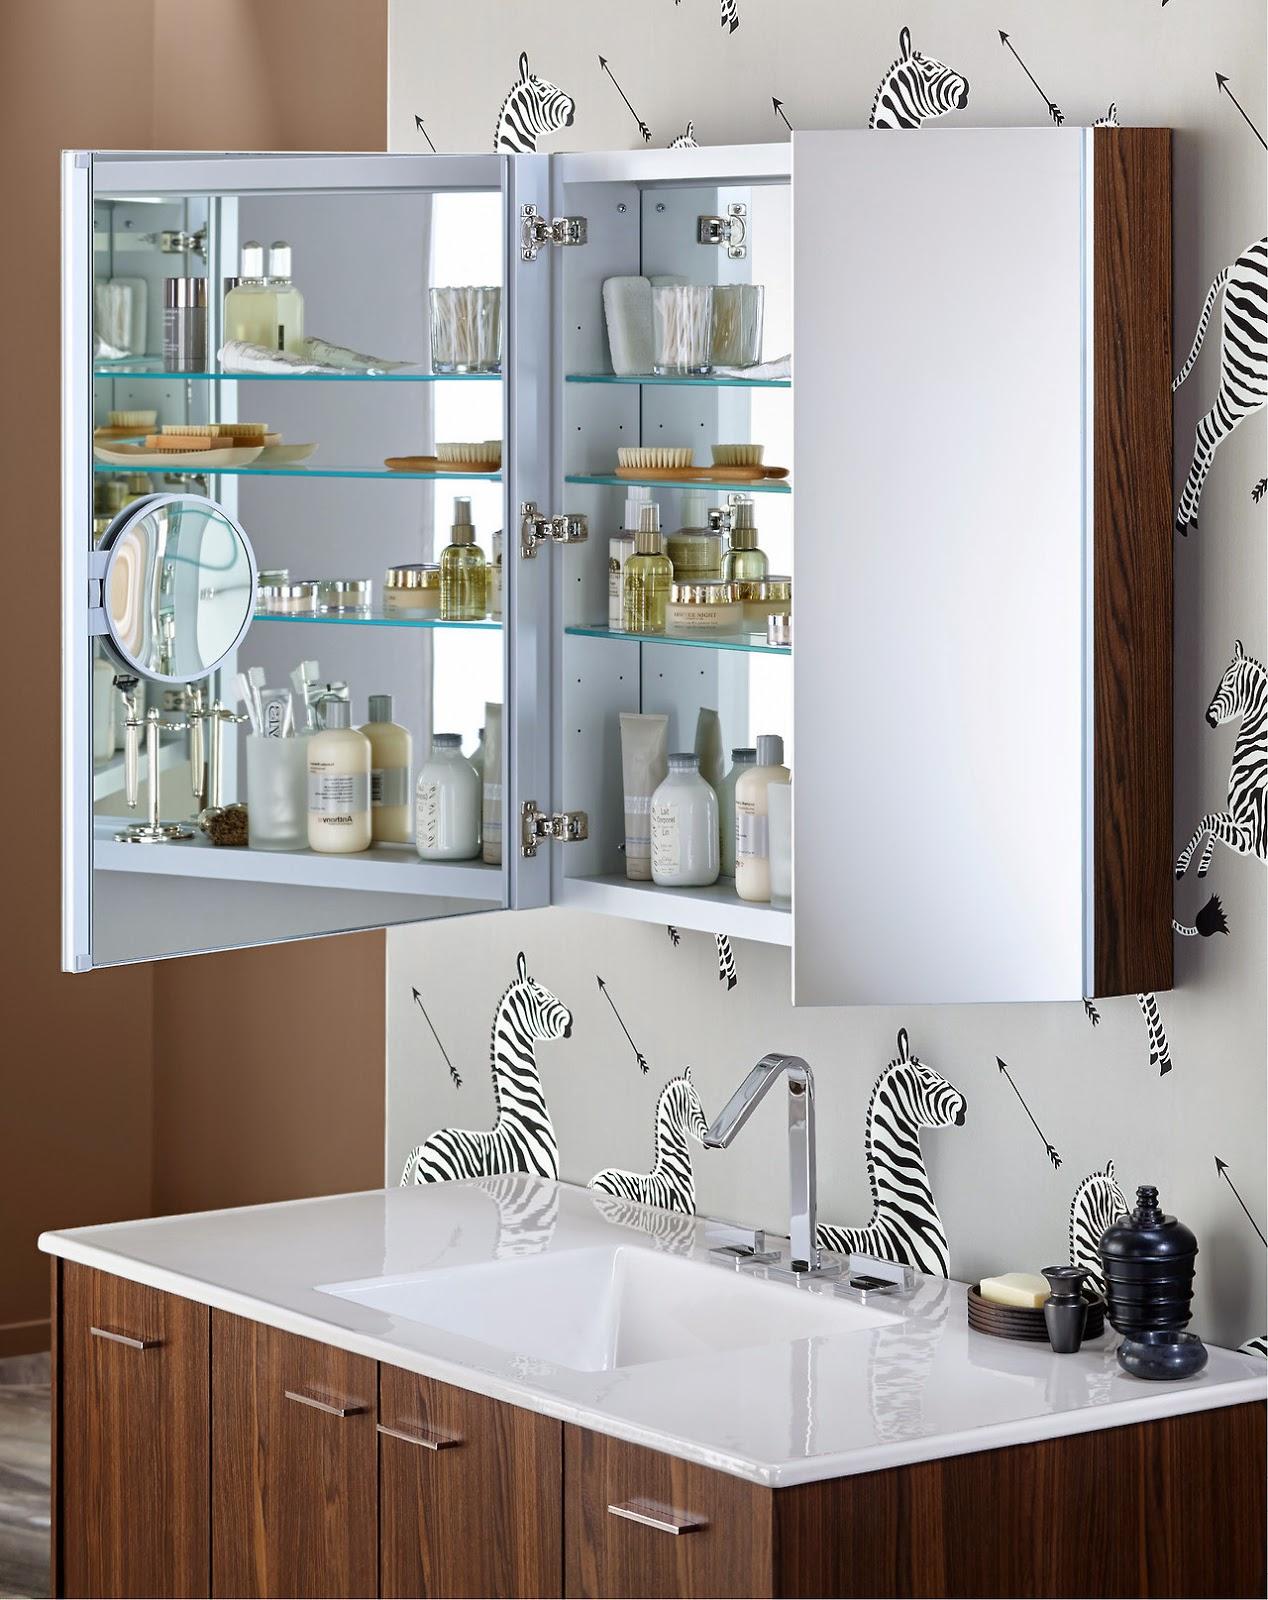 Tận dụng tủ gỗ mặt gương phía trên bồn rửa tay để lưu trữ thông minh